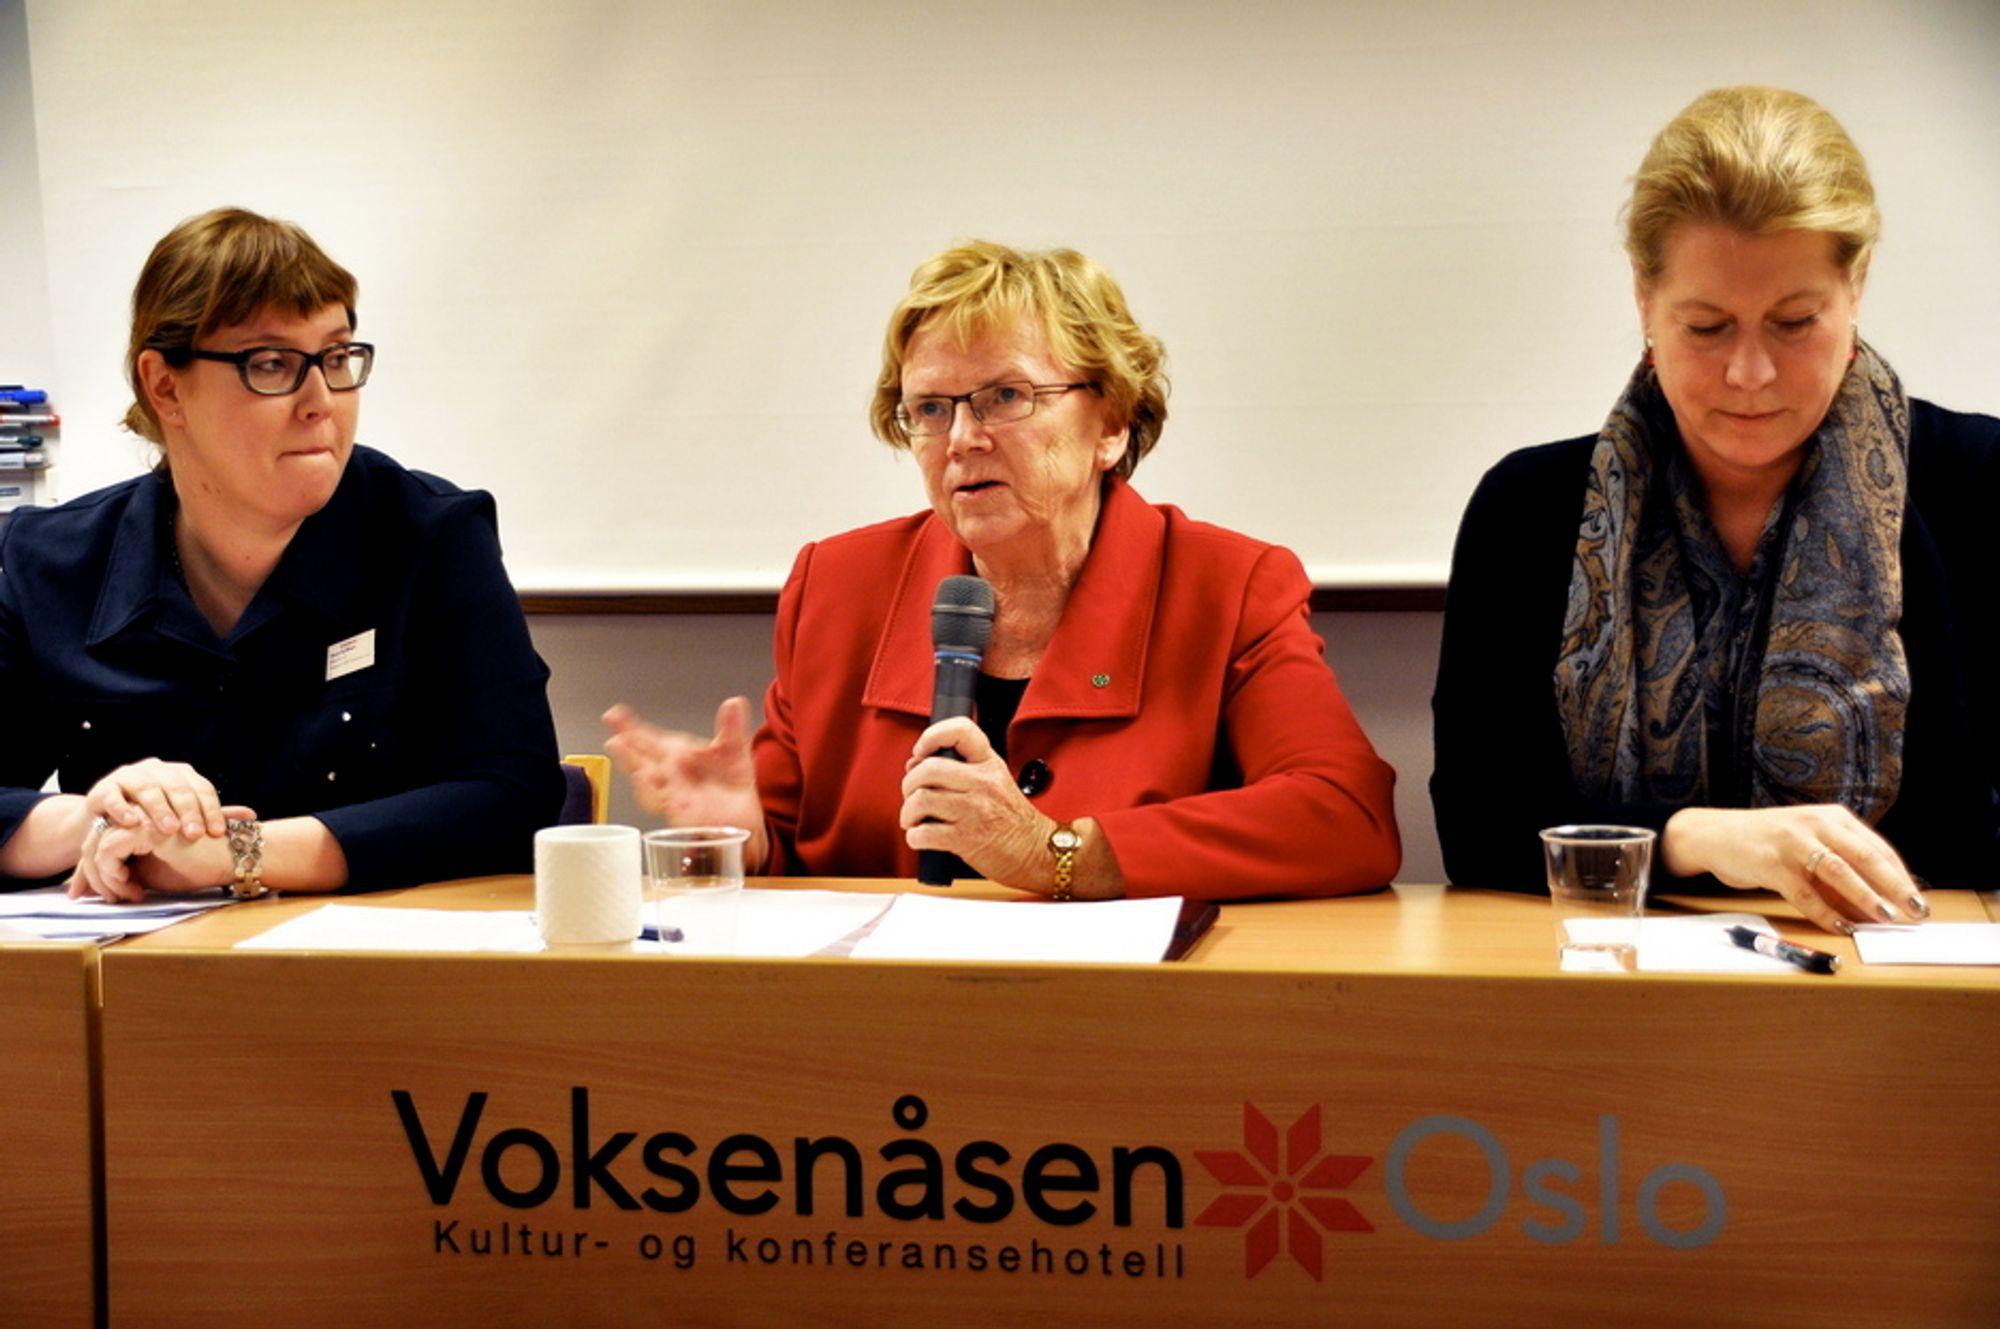 SATSER: Norden skal satse hardt i nord. Magnhild Meltveit Kleppa flankert av den finske transportministeren Merja Kyllönen (t.v) og Sveriges infrastrukturminister Catharina Elmsäter-Svärd.